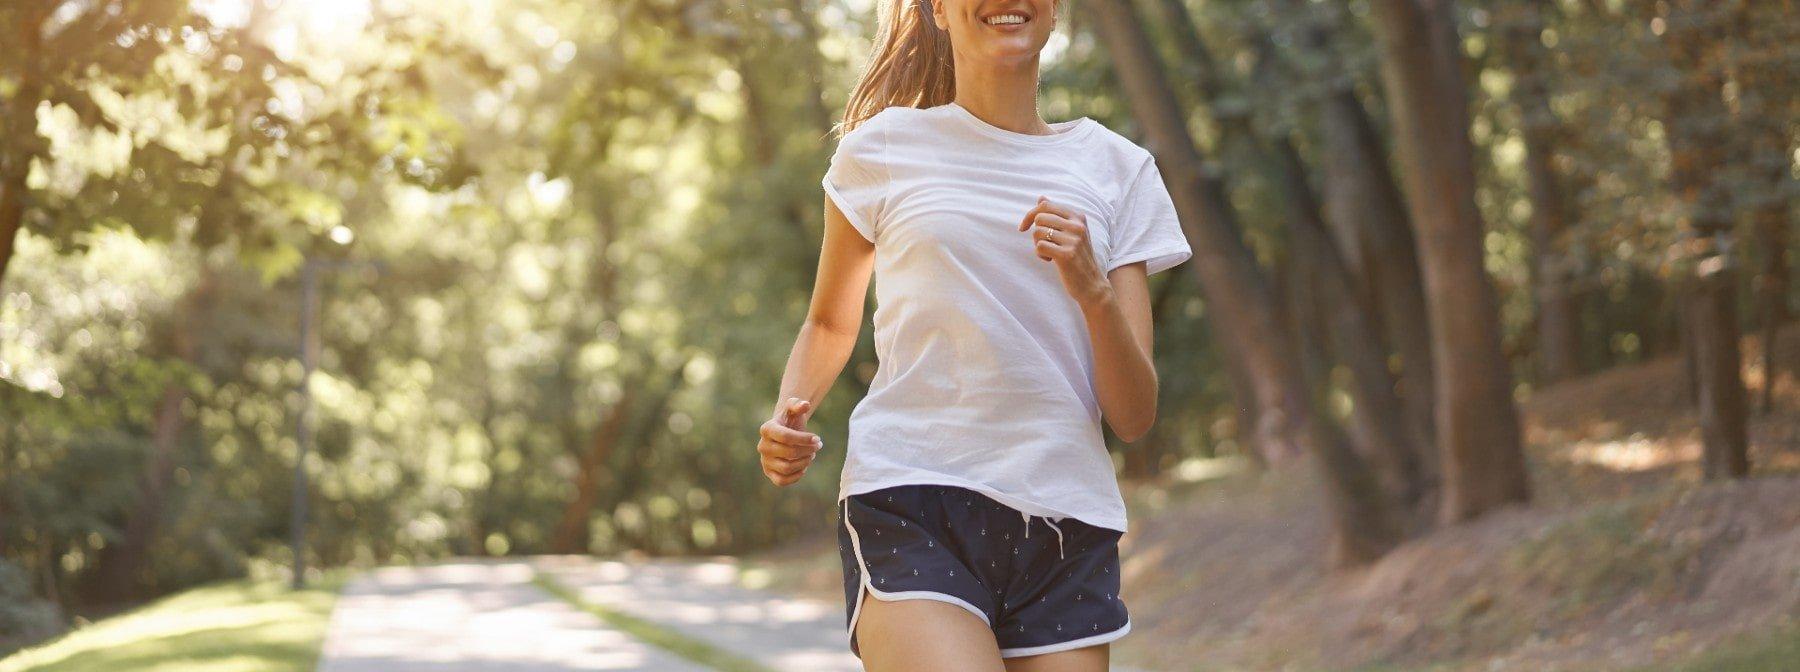 Östrogendominanz | Hoher Östrogenspiegel: Symptome & Behandlung